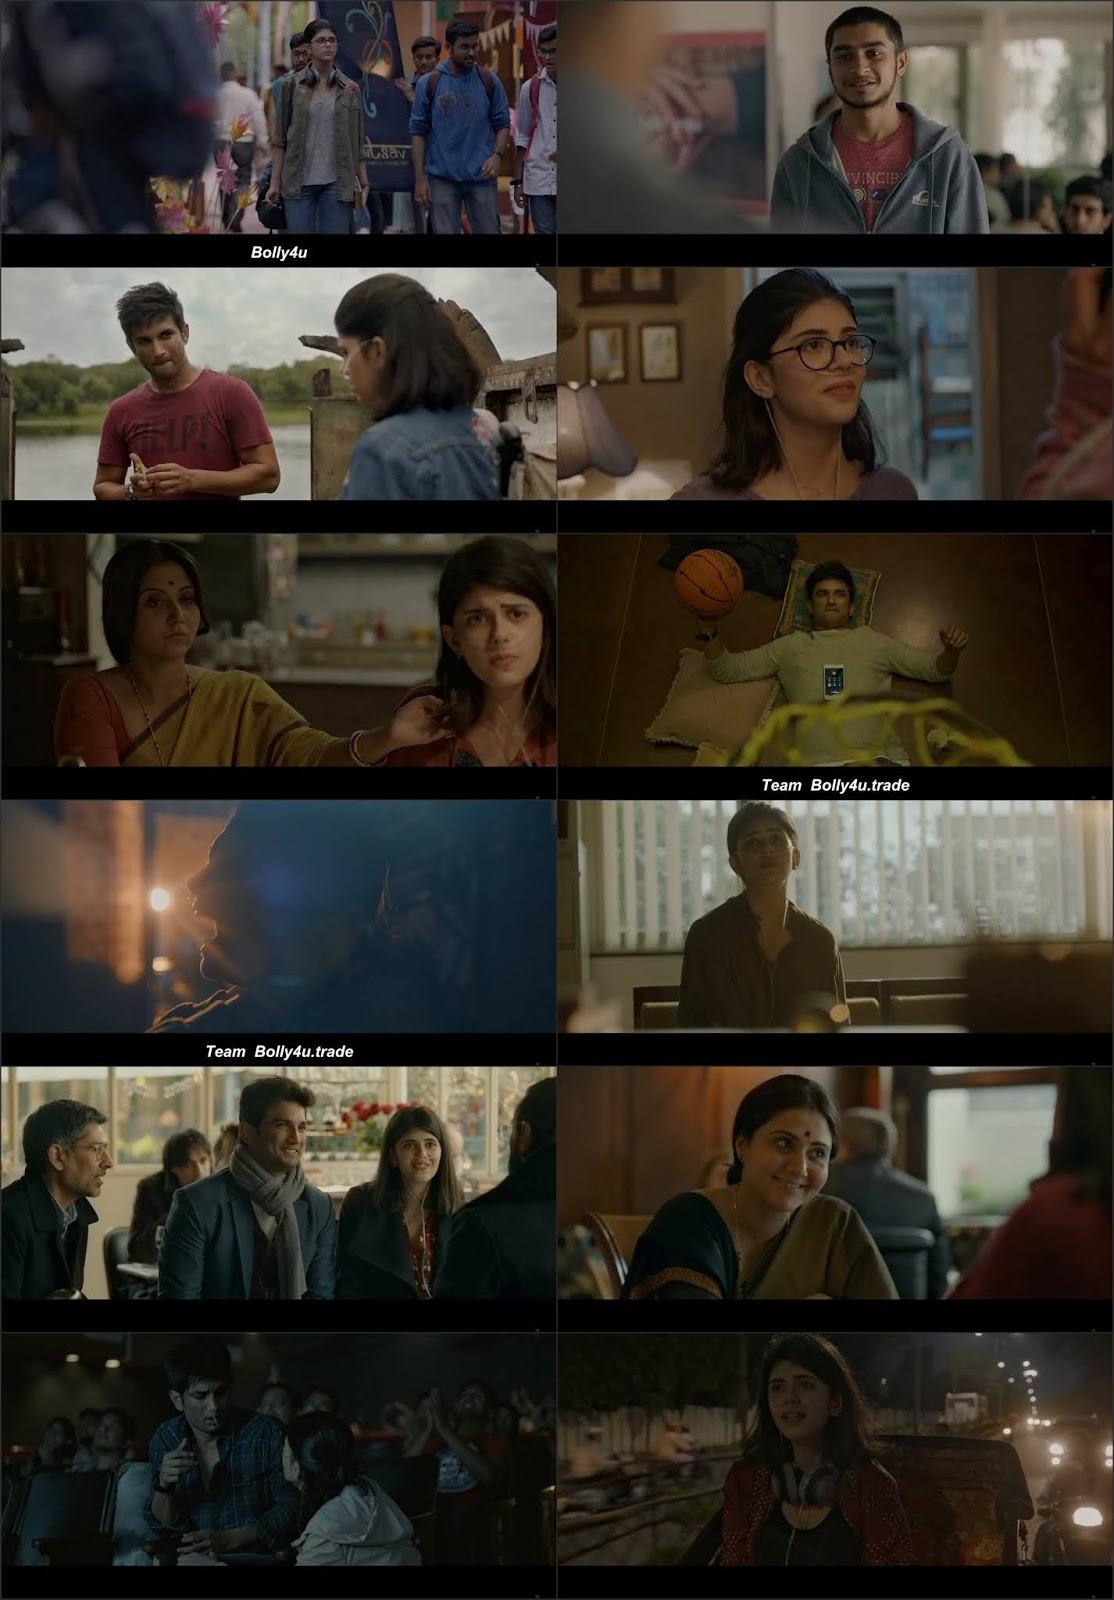 Dil Bechara 2020 WEB-DL 300Mb Hindi Movie Download 480p